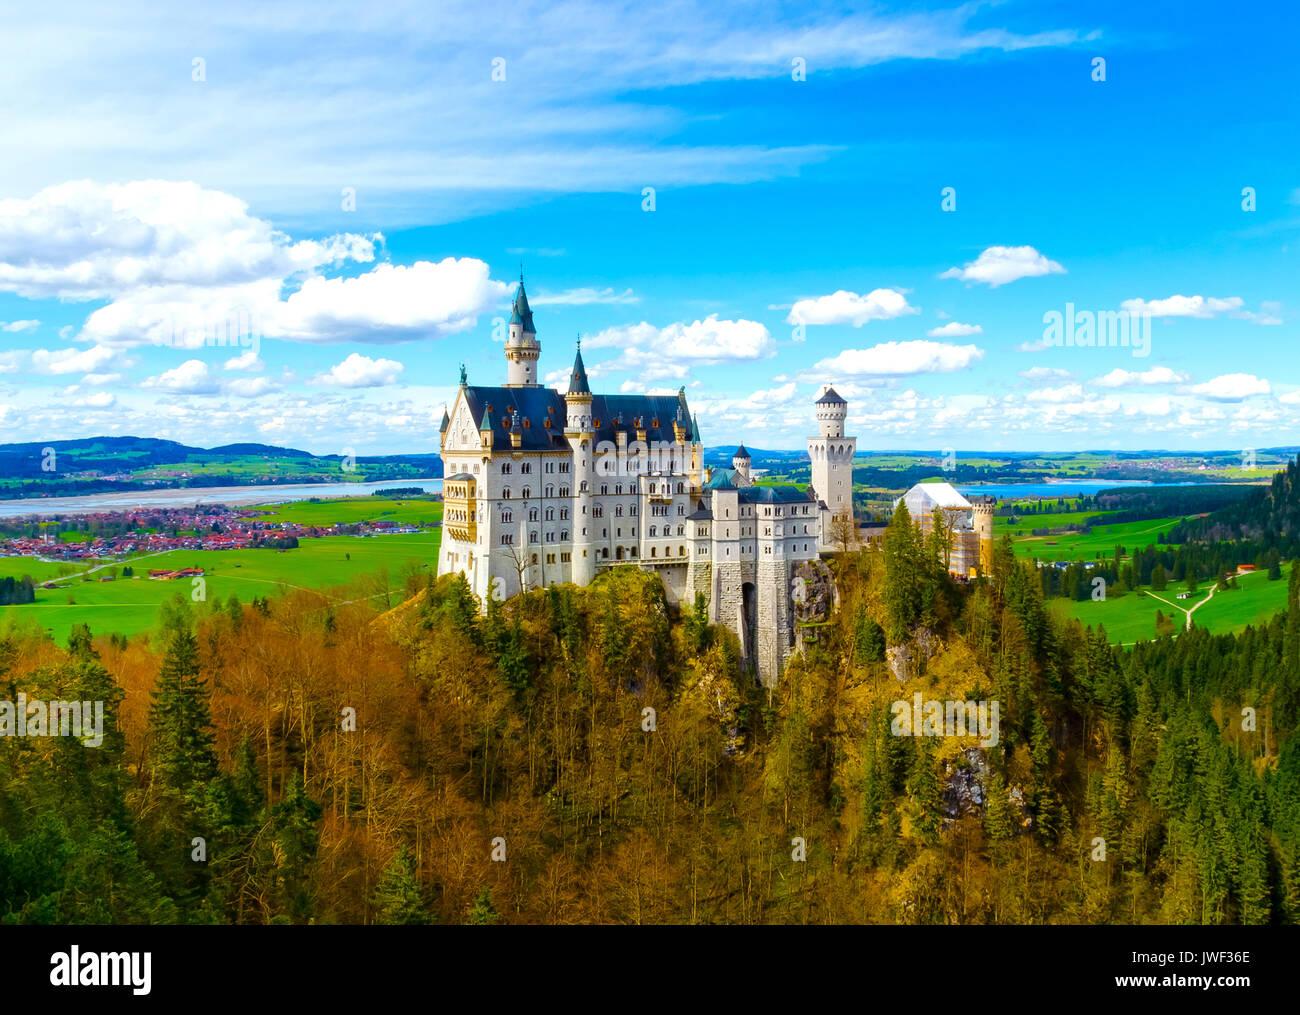 Vista de la famosa atracción turística en los Alpes bávaros - el siglo XIX el castillo de Neuschwanstein. Imagen De Stock